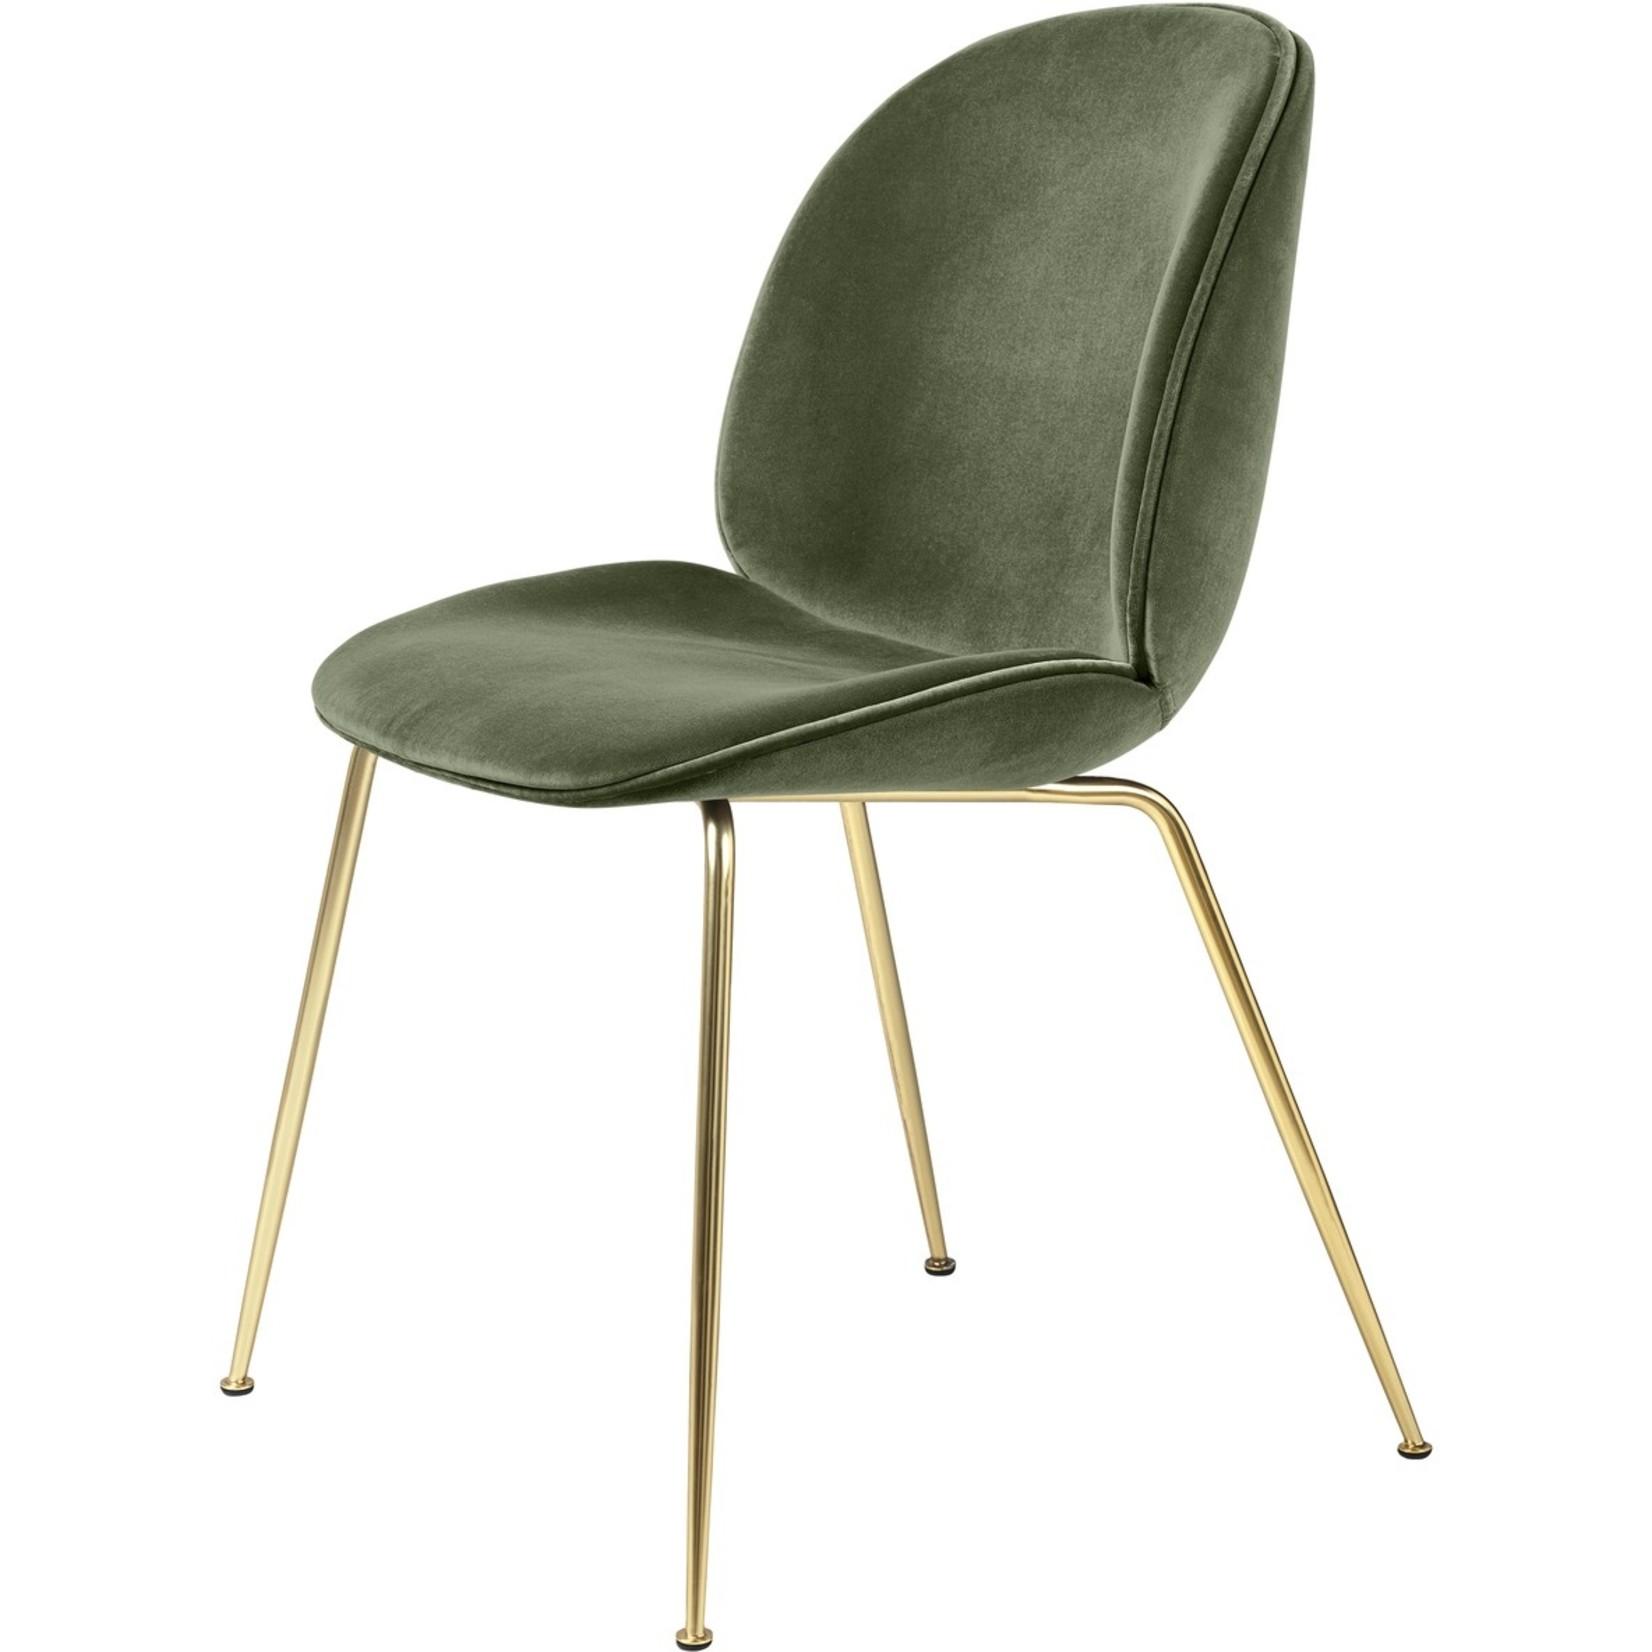 Gubi Beetle Dining Chair | Smokey Green & Brass Semi Matt Base